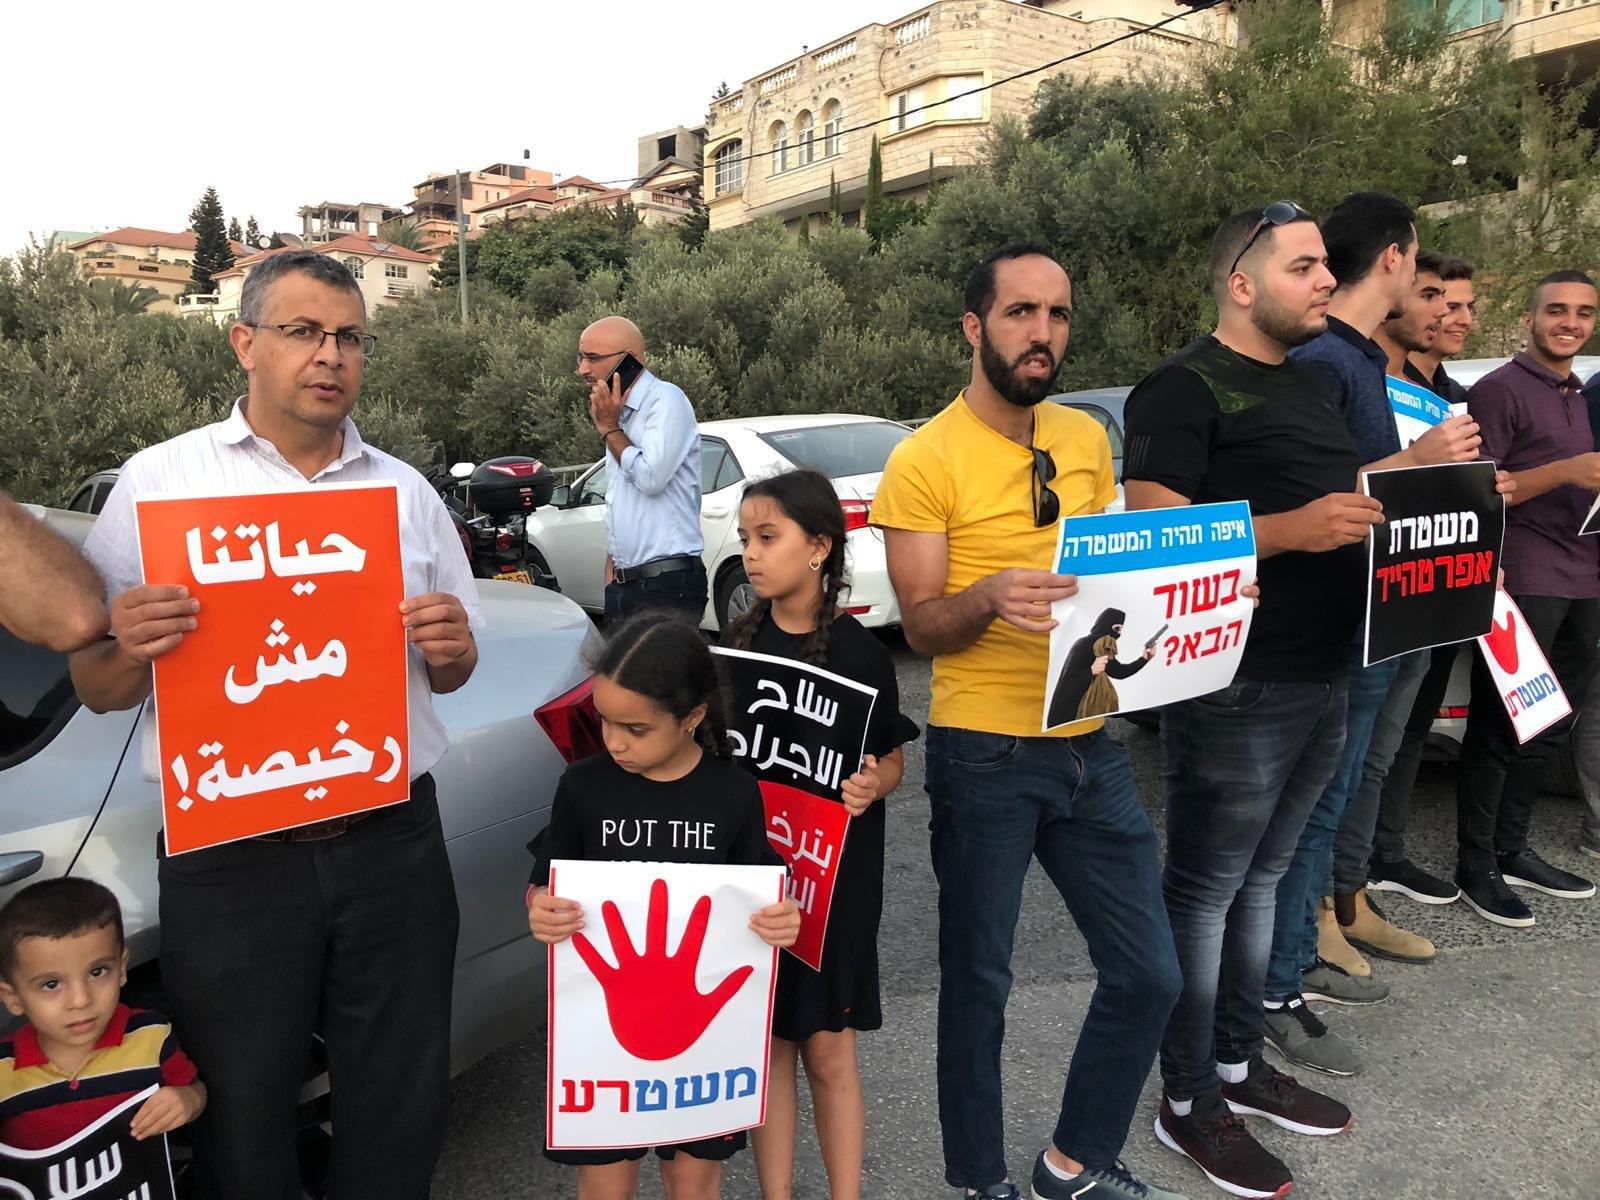 صرخة فحماوية غاضبة ضد العنف مقابل الشرطة-6